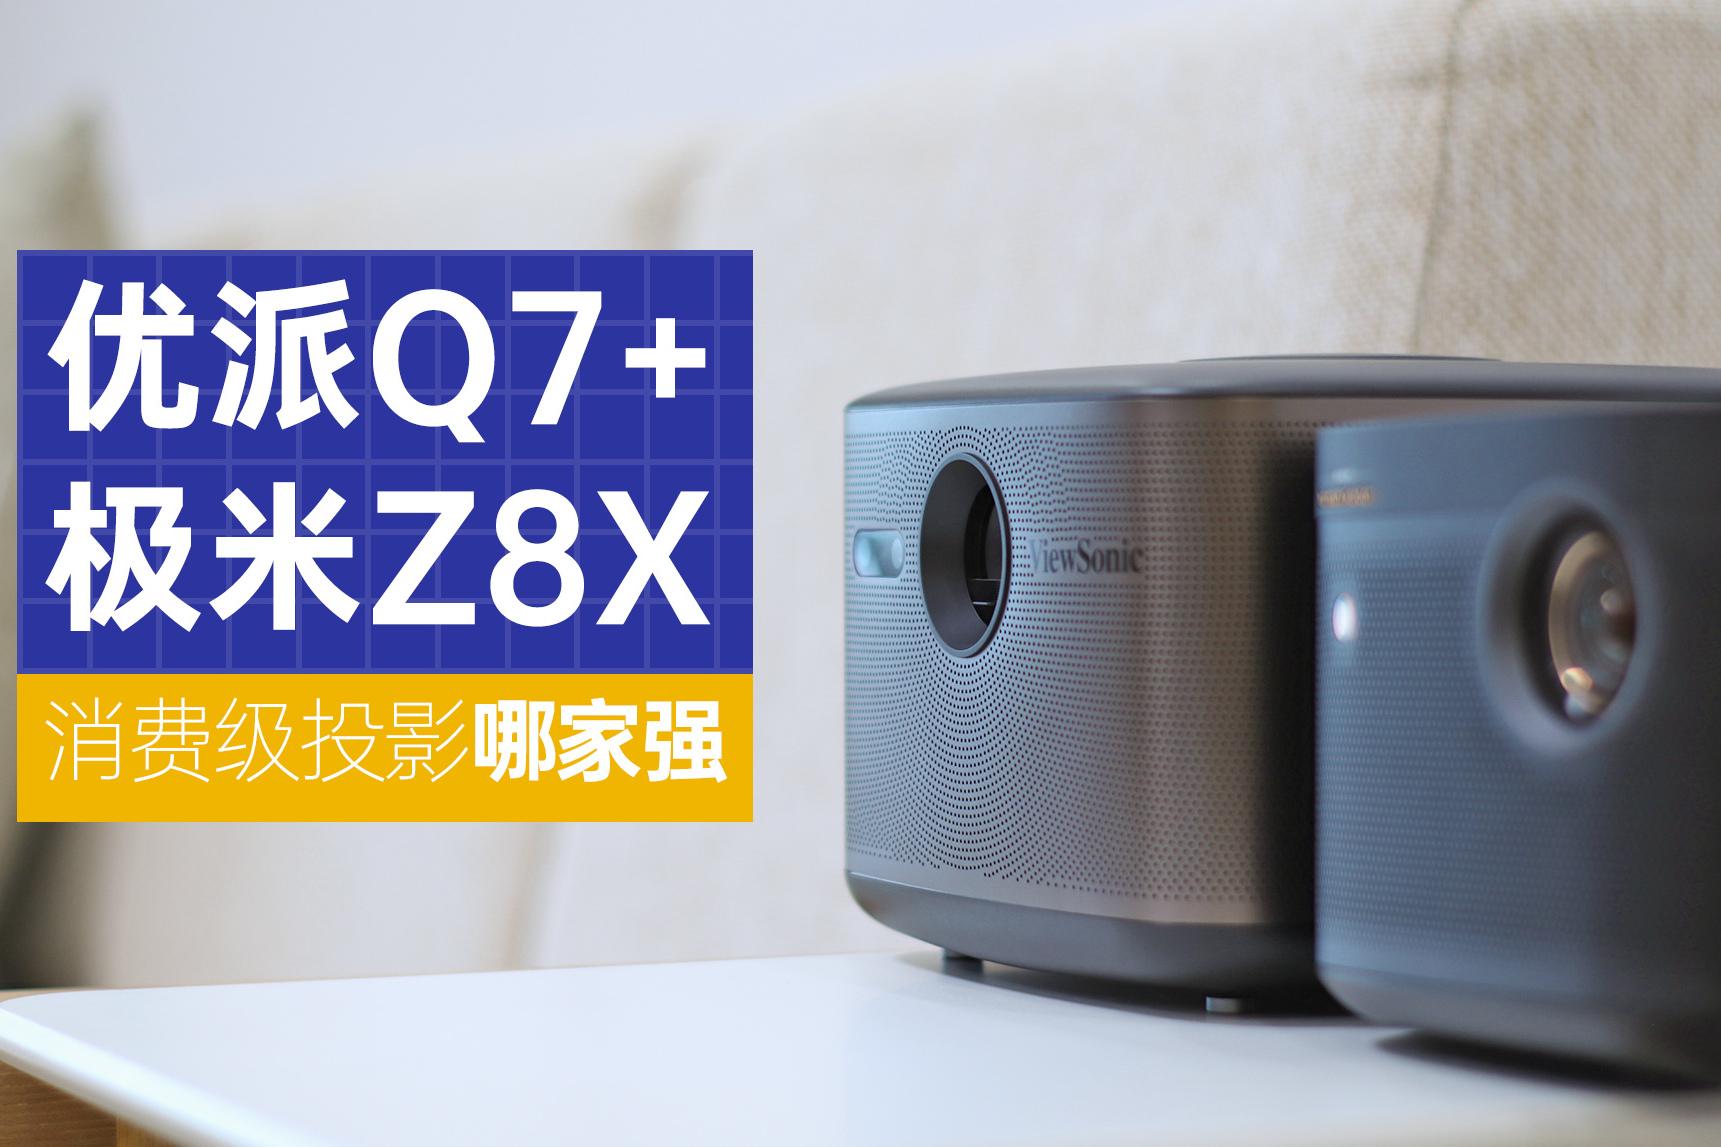 主流消费级投影哪家强?优派 Q7+与极米Z8X对比